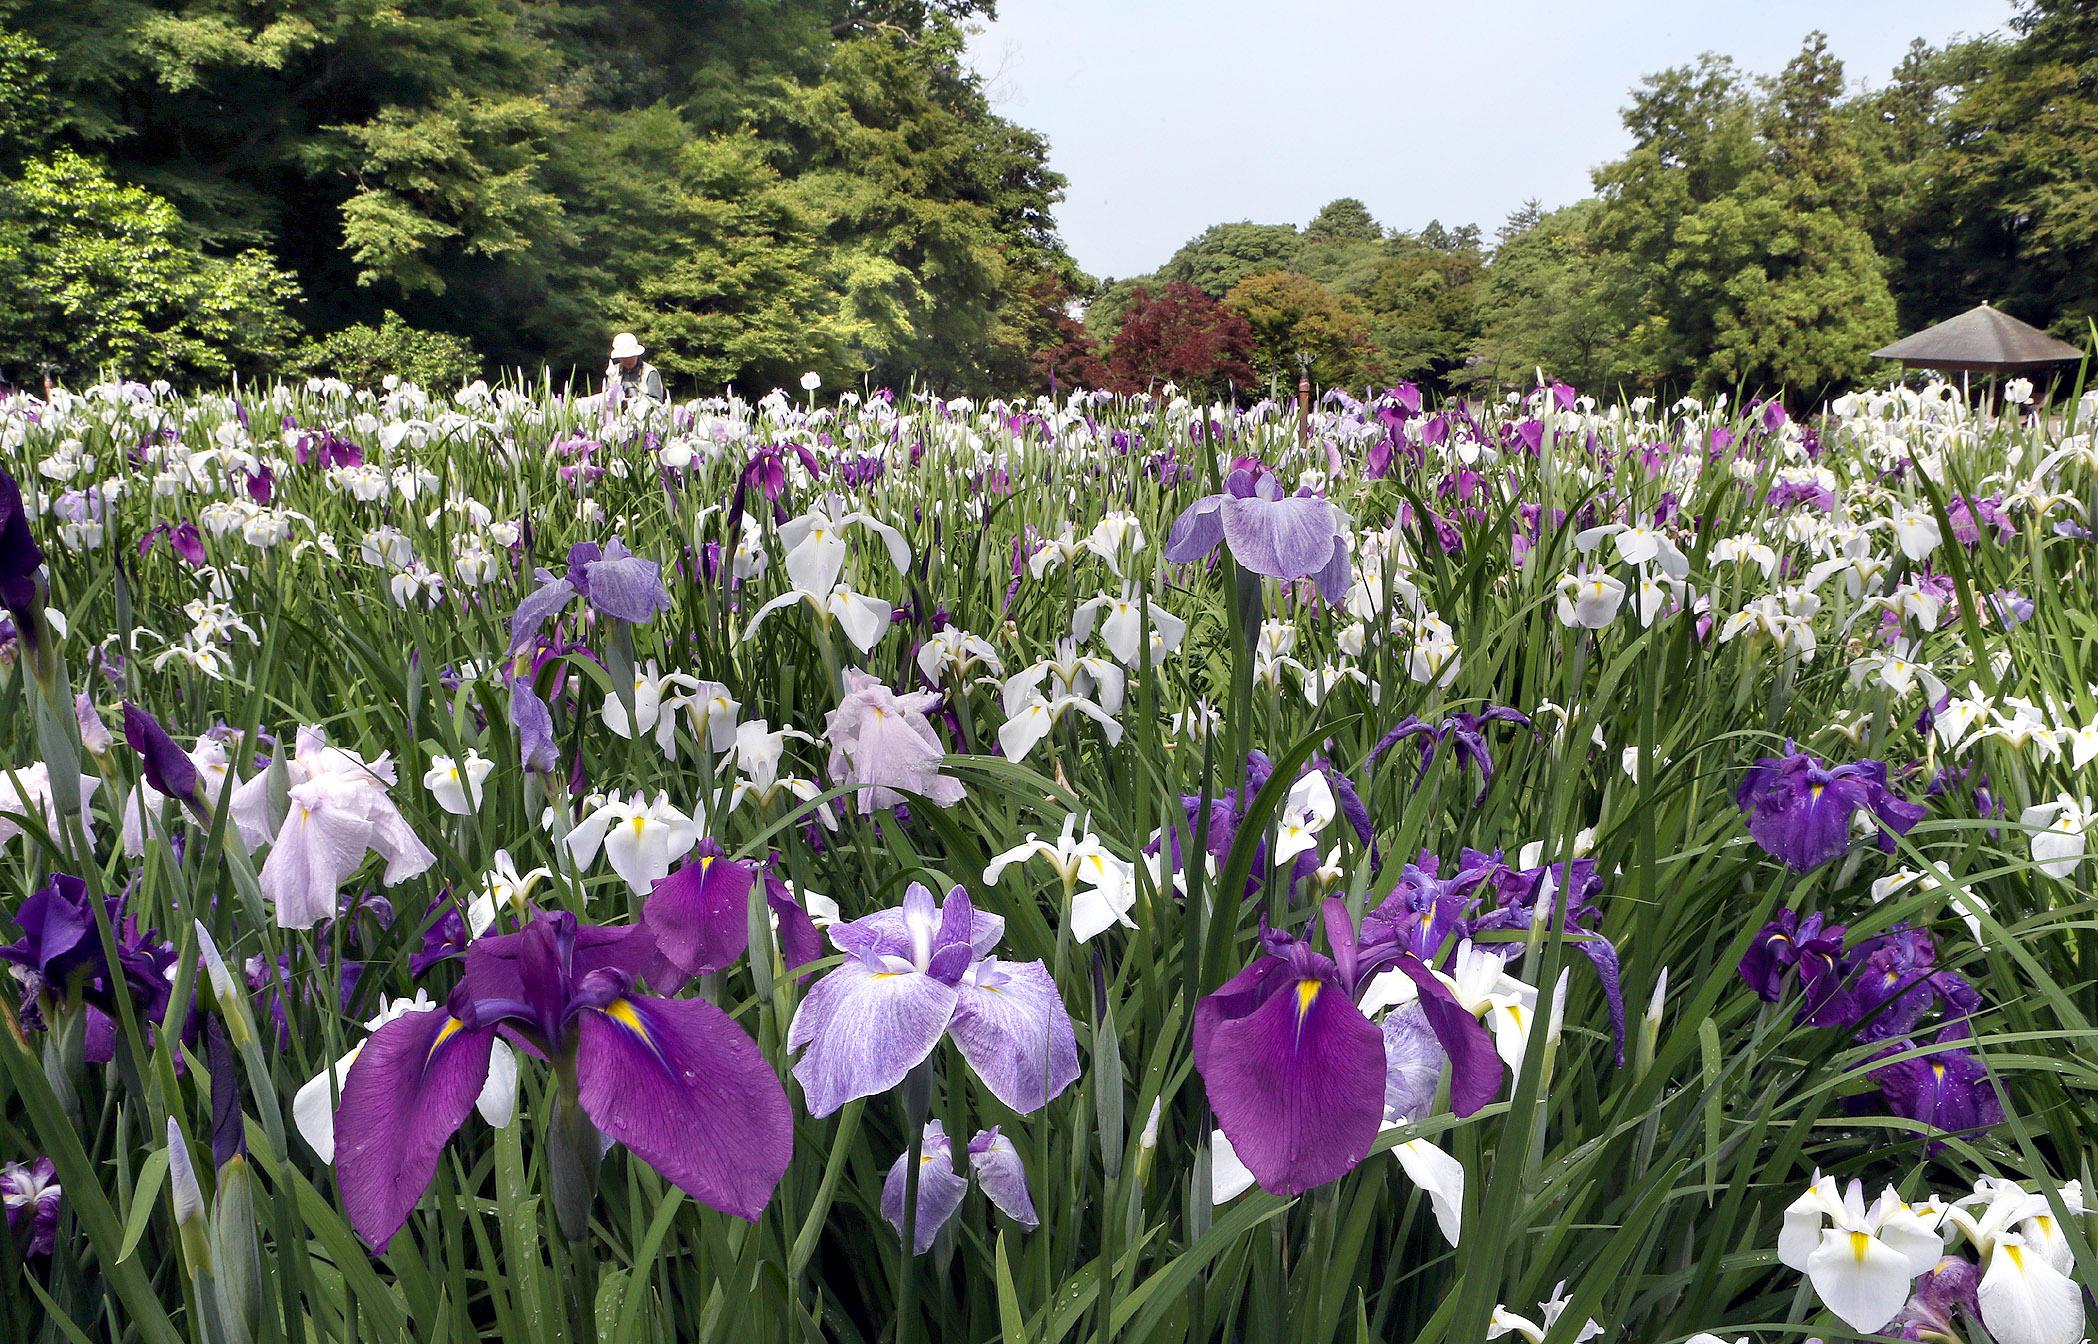 鮮やかに咲き誇るハナショウブ=11日午前9時20分、金沢市の卯辰山花菖蒲園